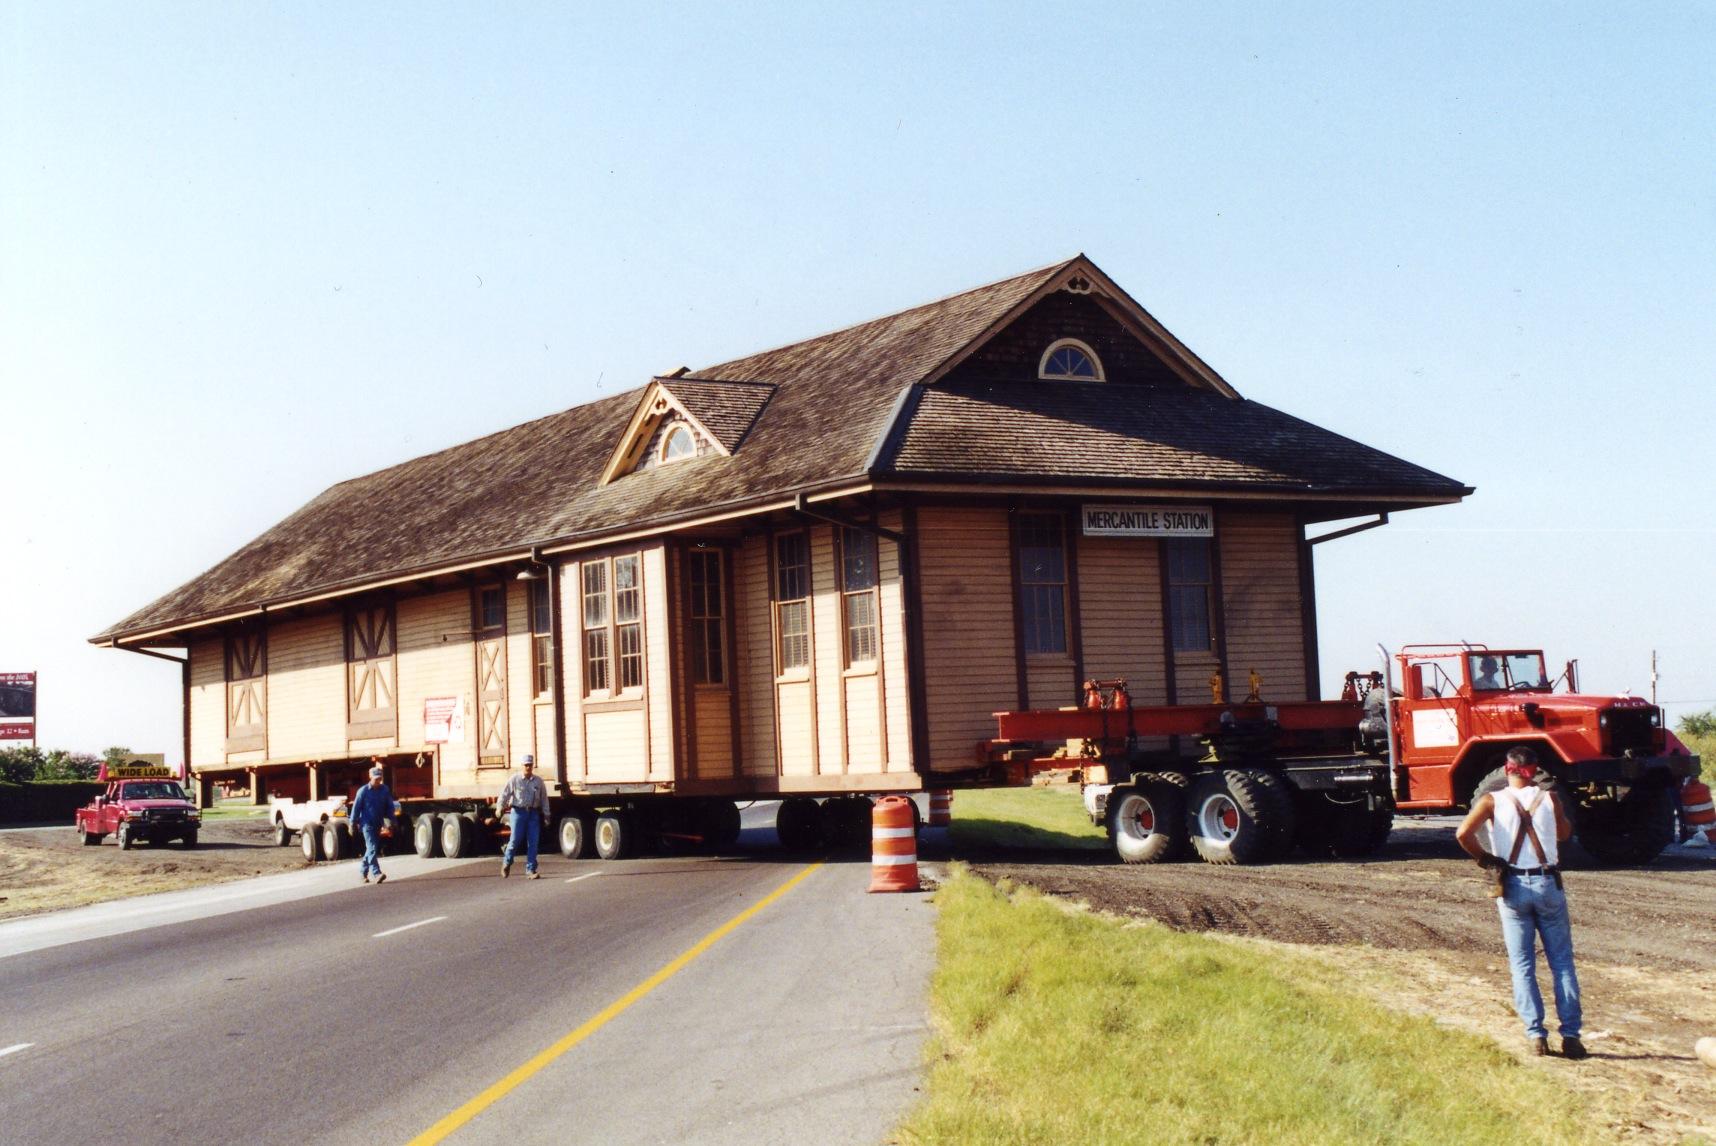 Saginaw Train Depot #1